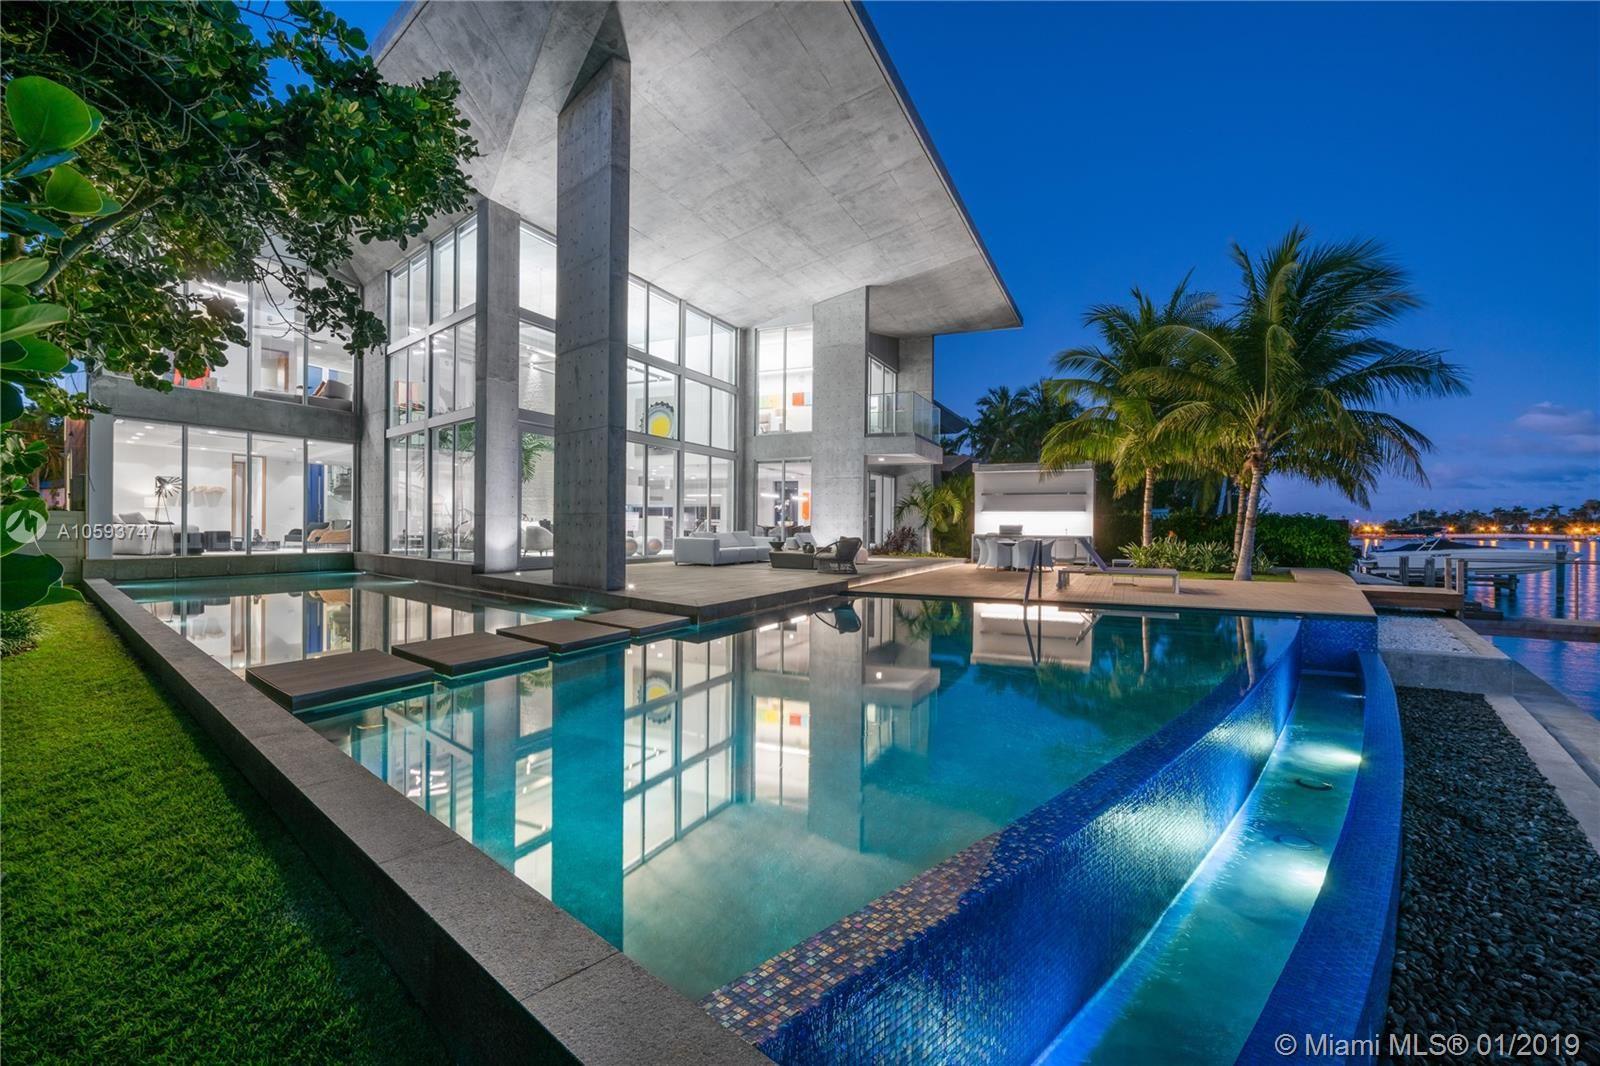 Photo 33 of Listing MLS a10593747 in 35 E Dilido Dr Miami Beach FL 33139